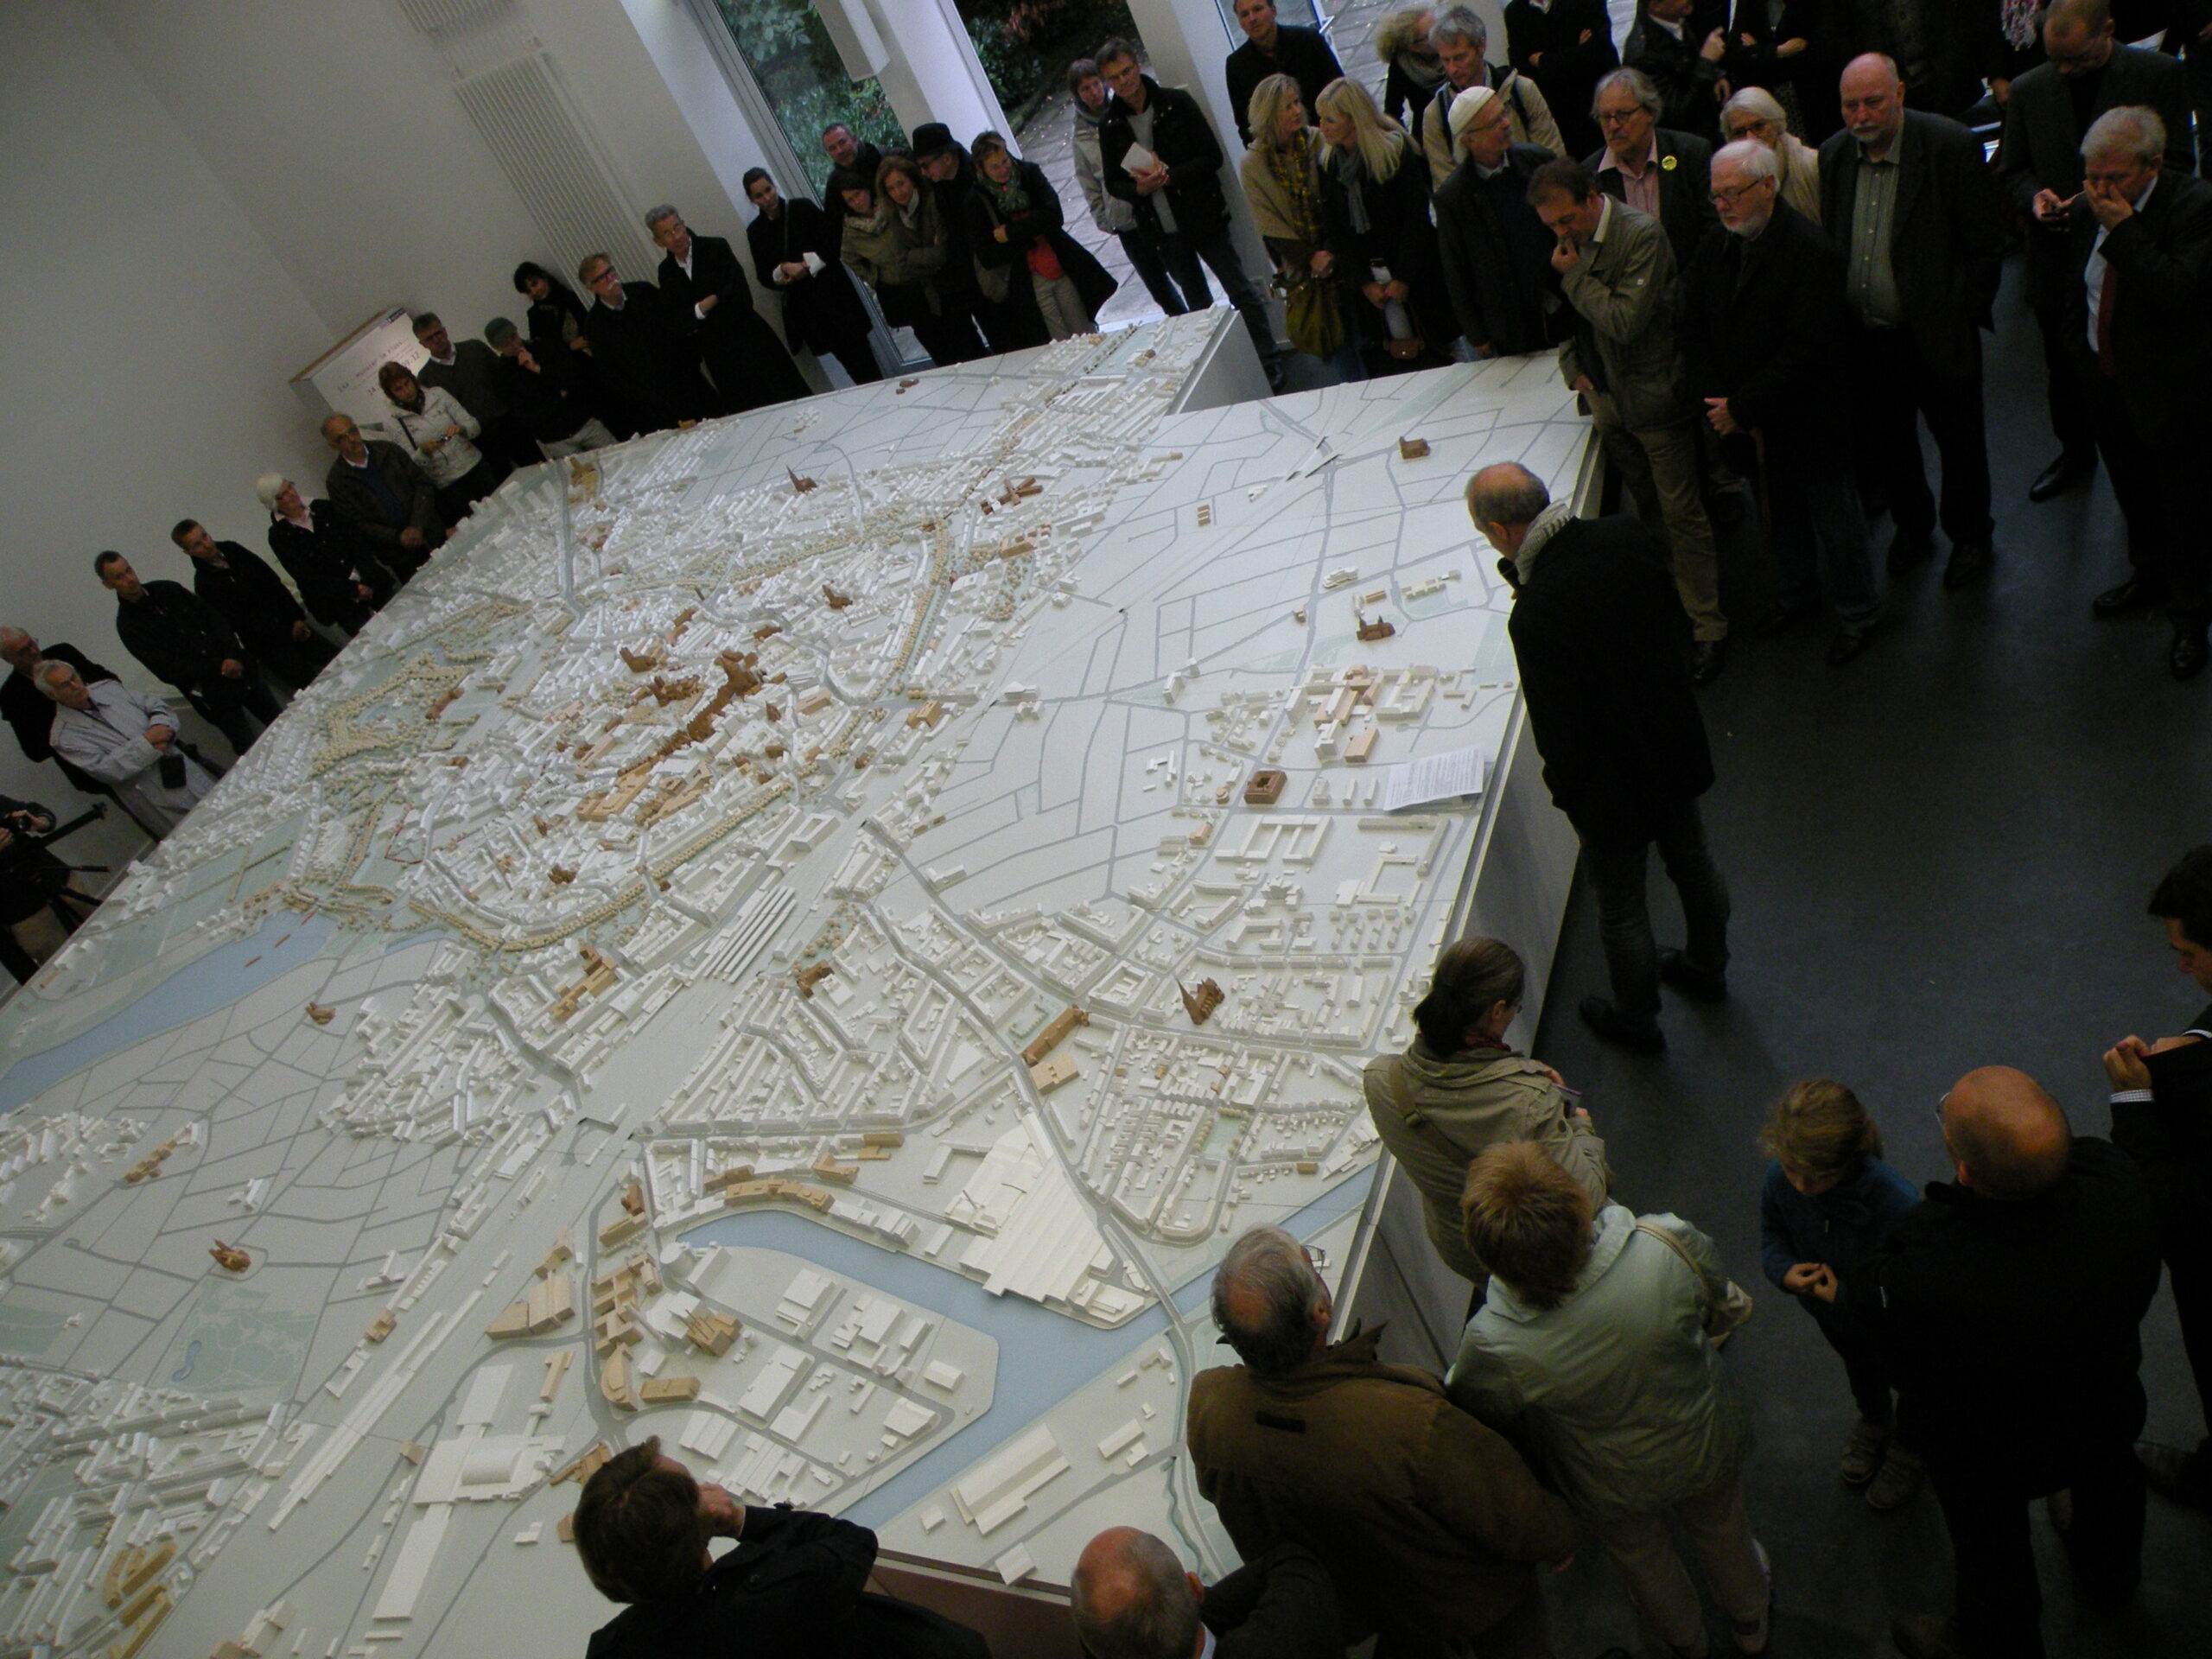 Münster Modell: Ausstellung Nr. 14 - Collegium Marianum, 2012 - Foto: Wilhelm Walterscheid